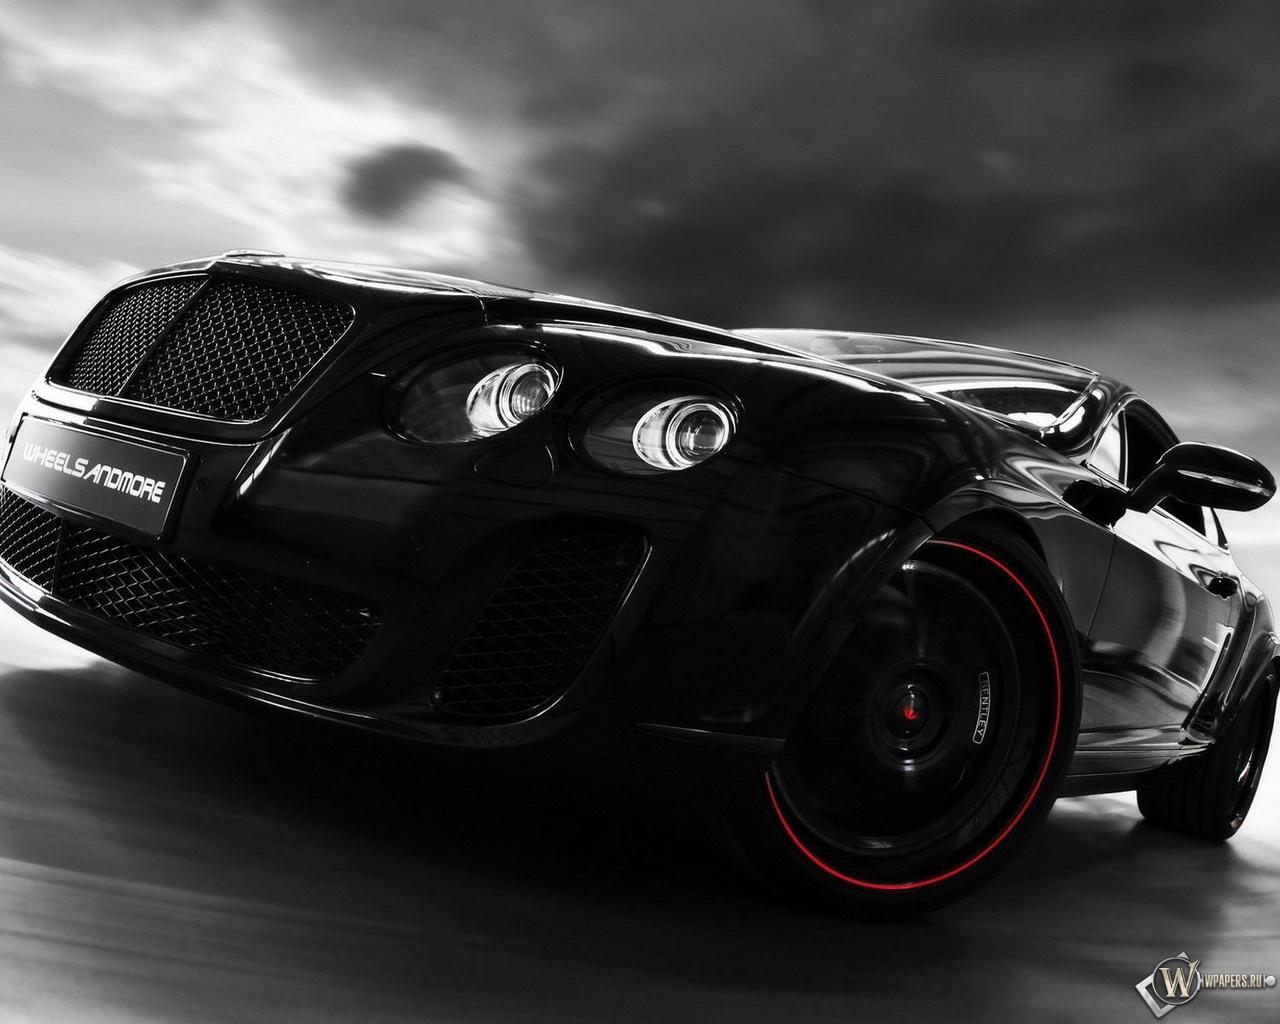 Bentley 1280x1024